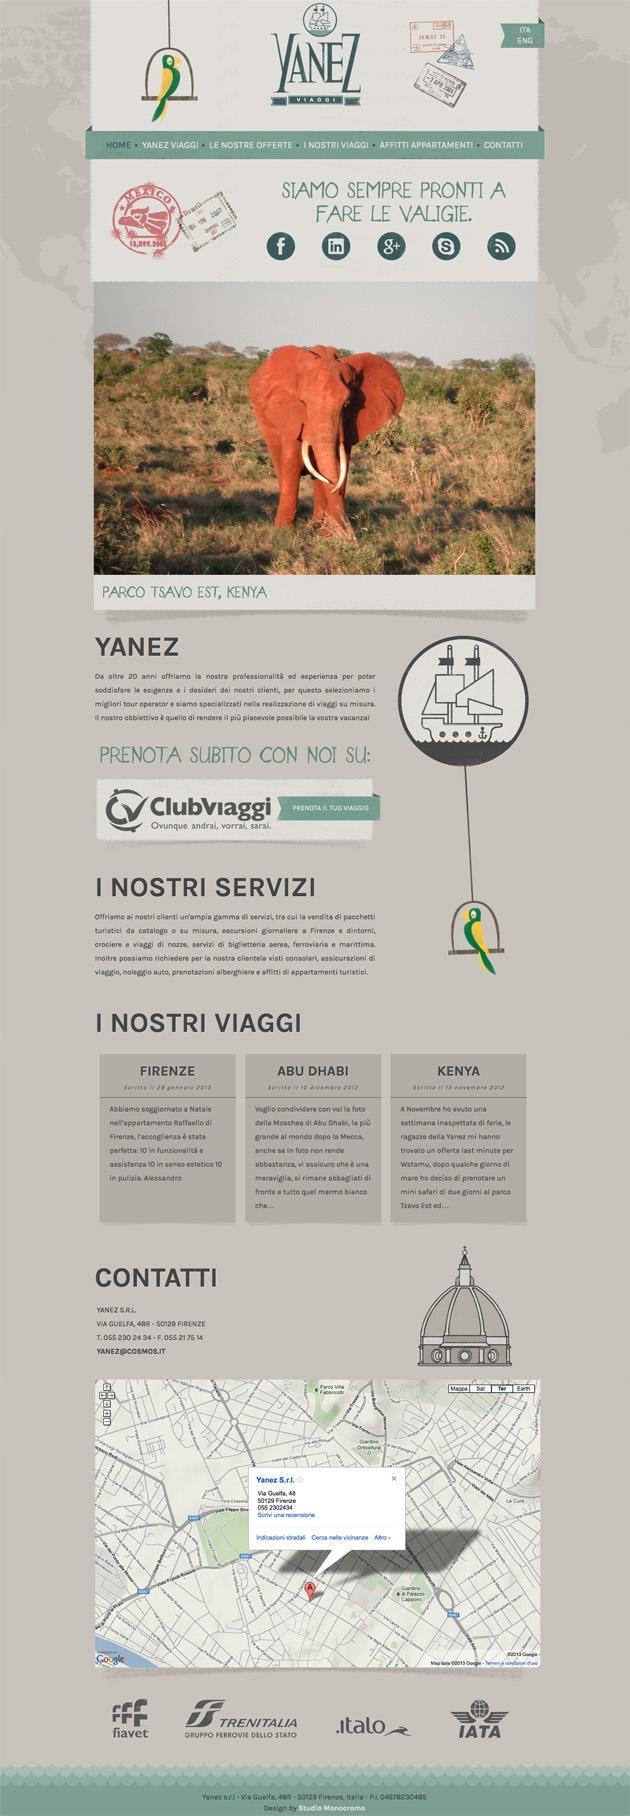 sito web yanezviaggi.it